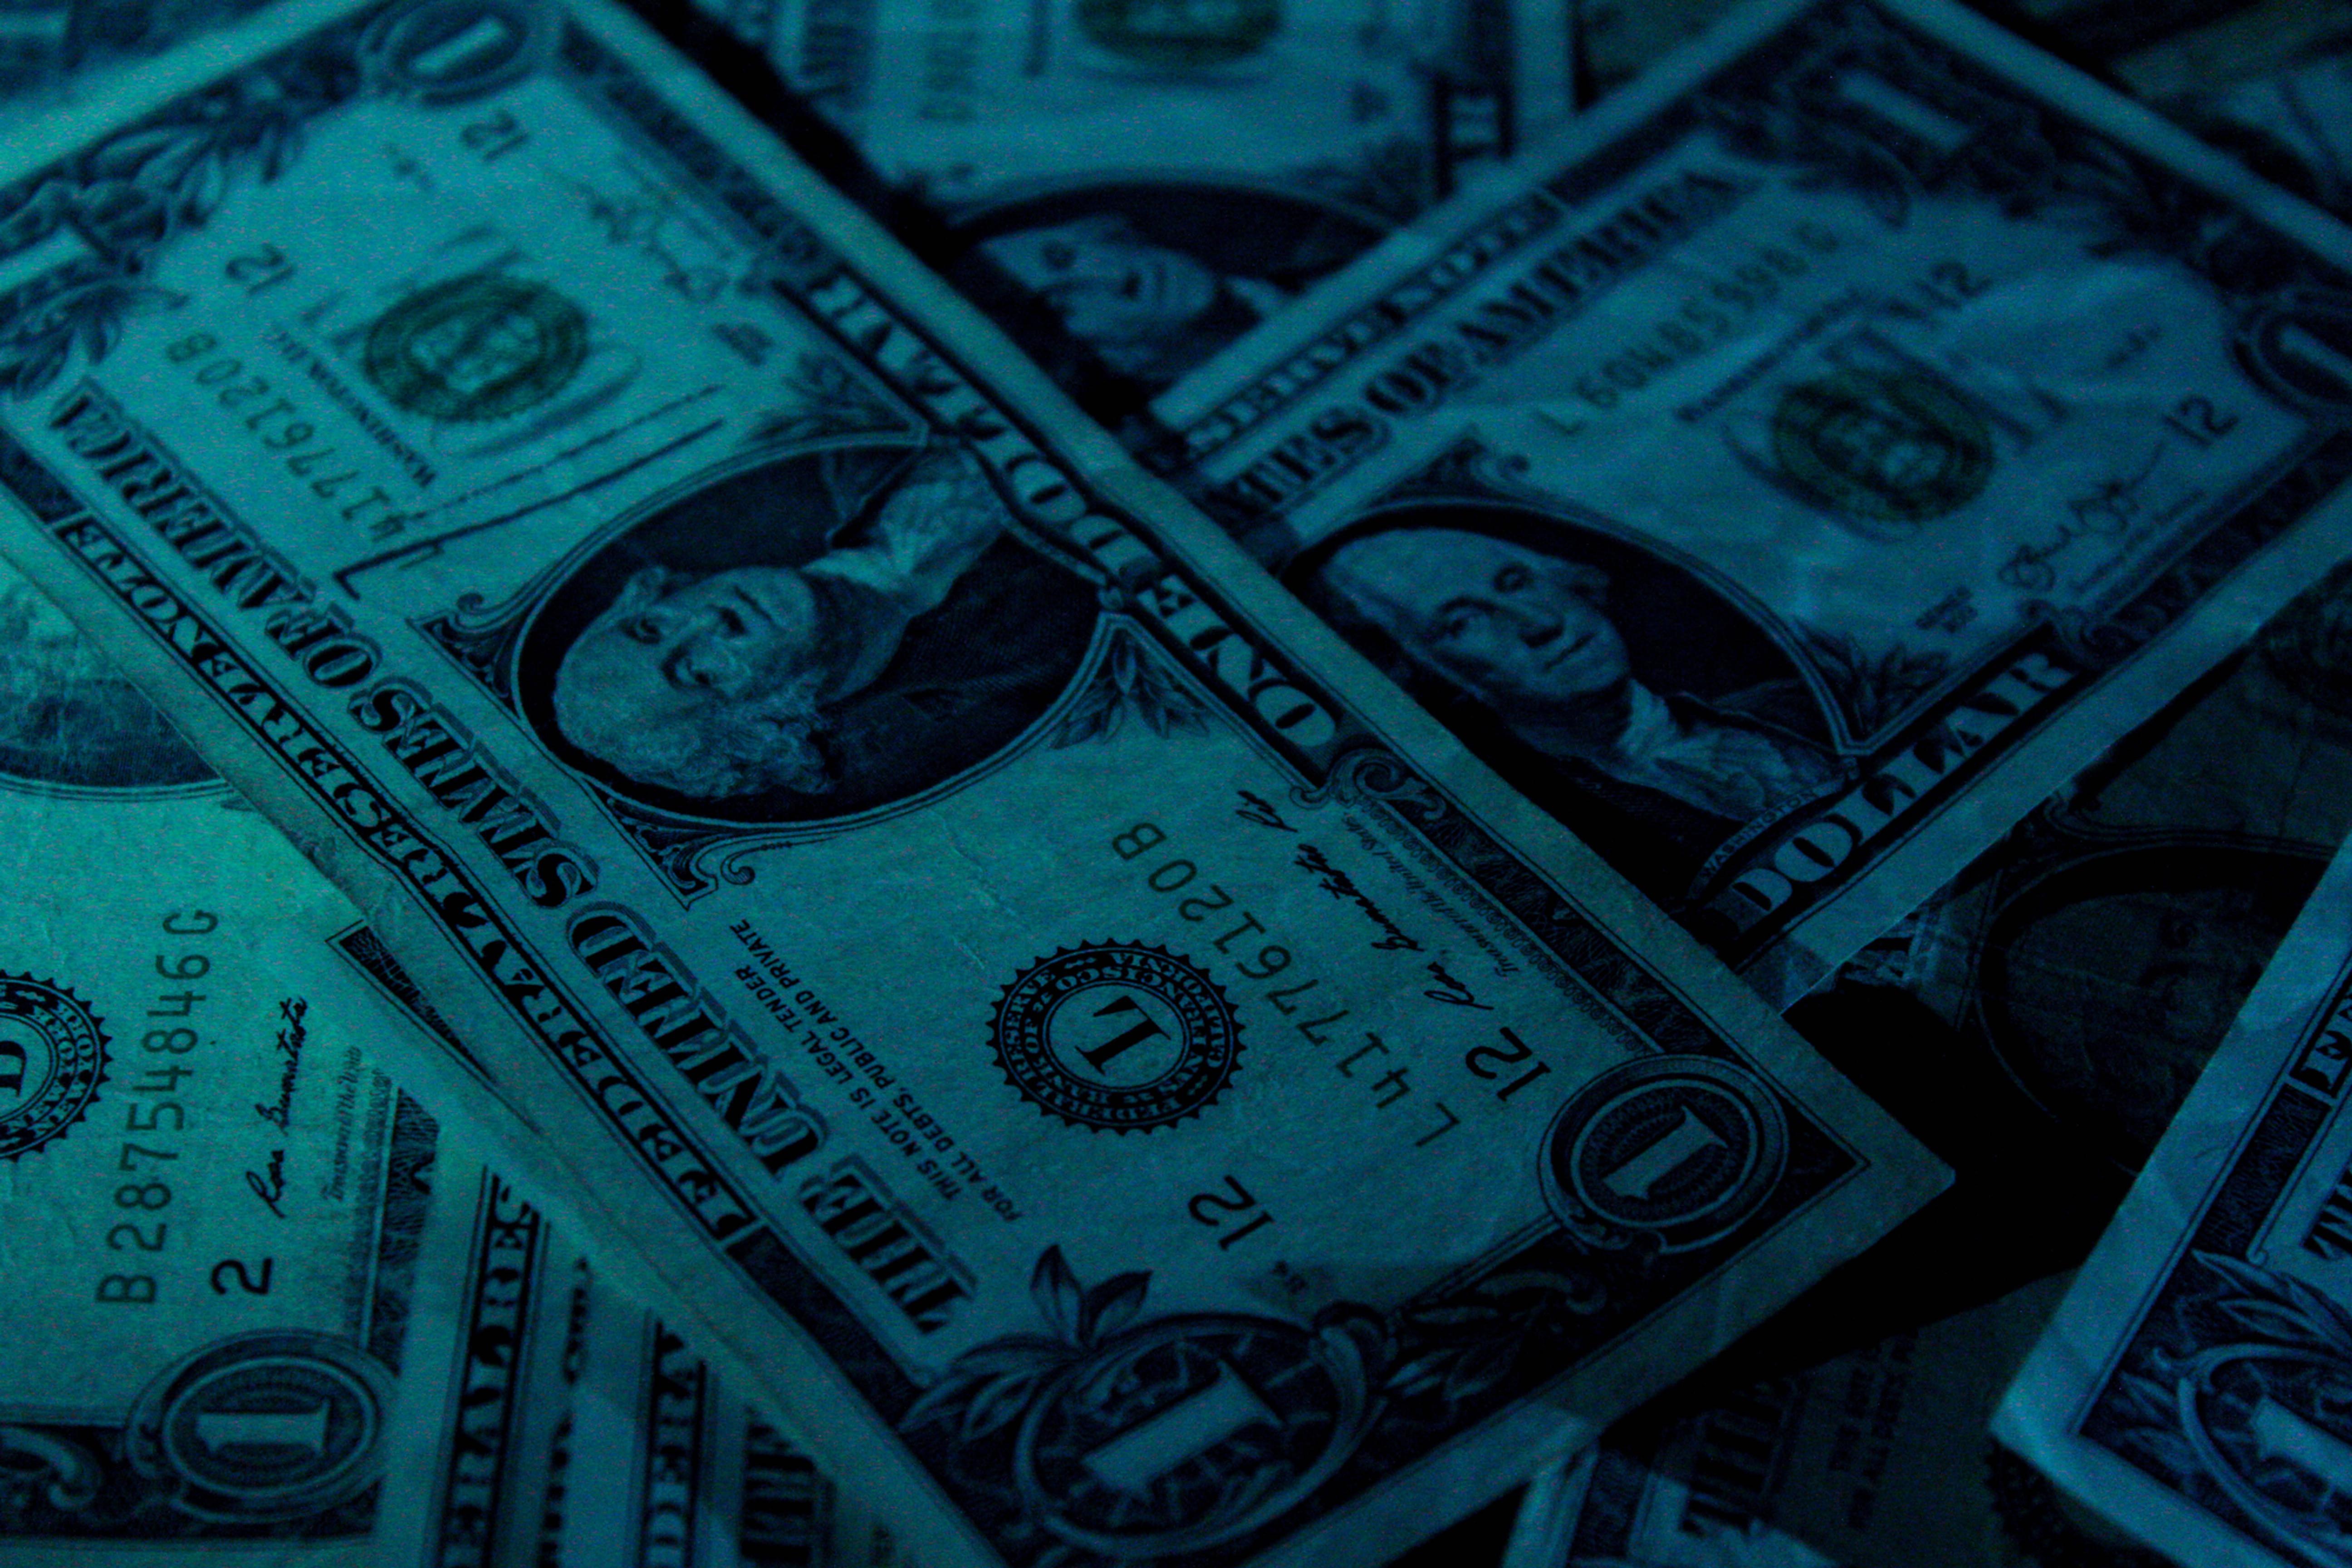 Budget and Savings Plan